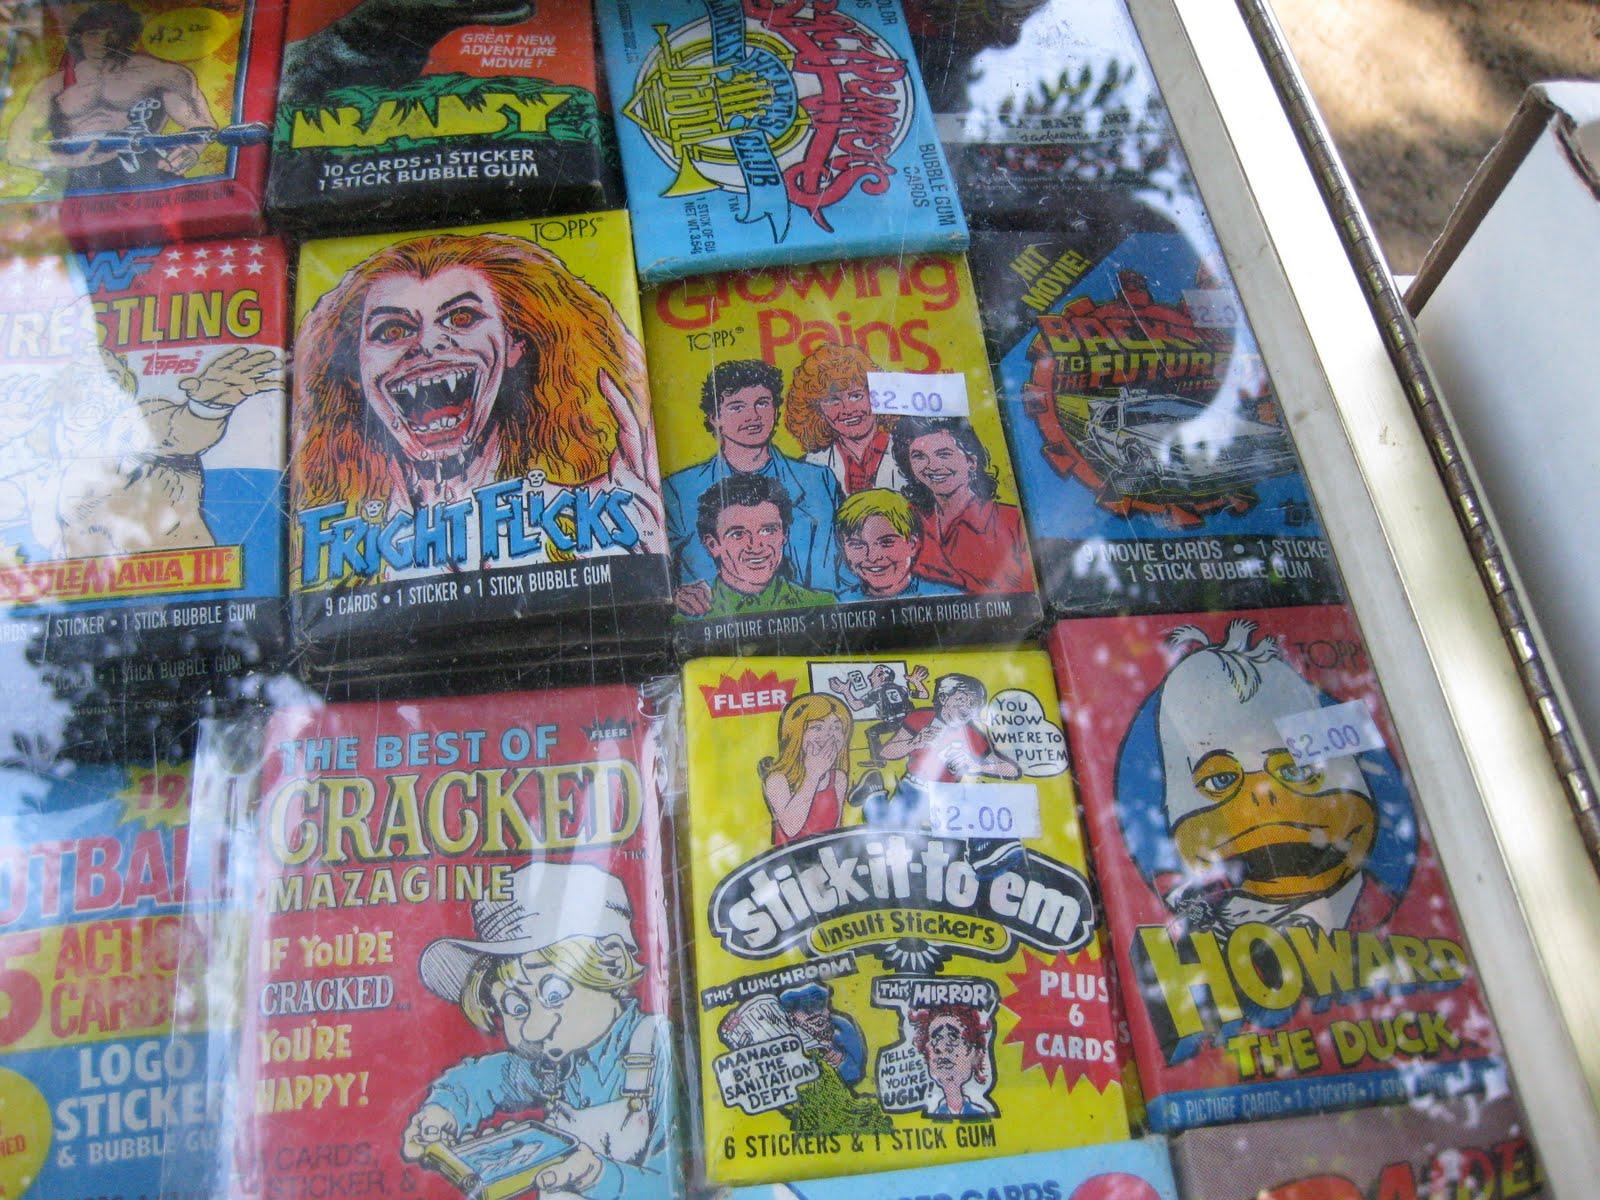 Dick ellies flea market